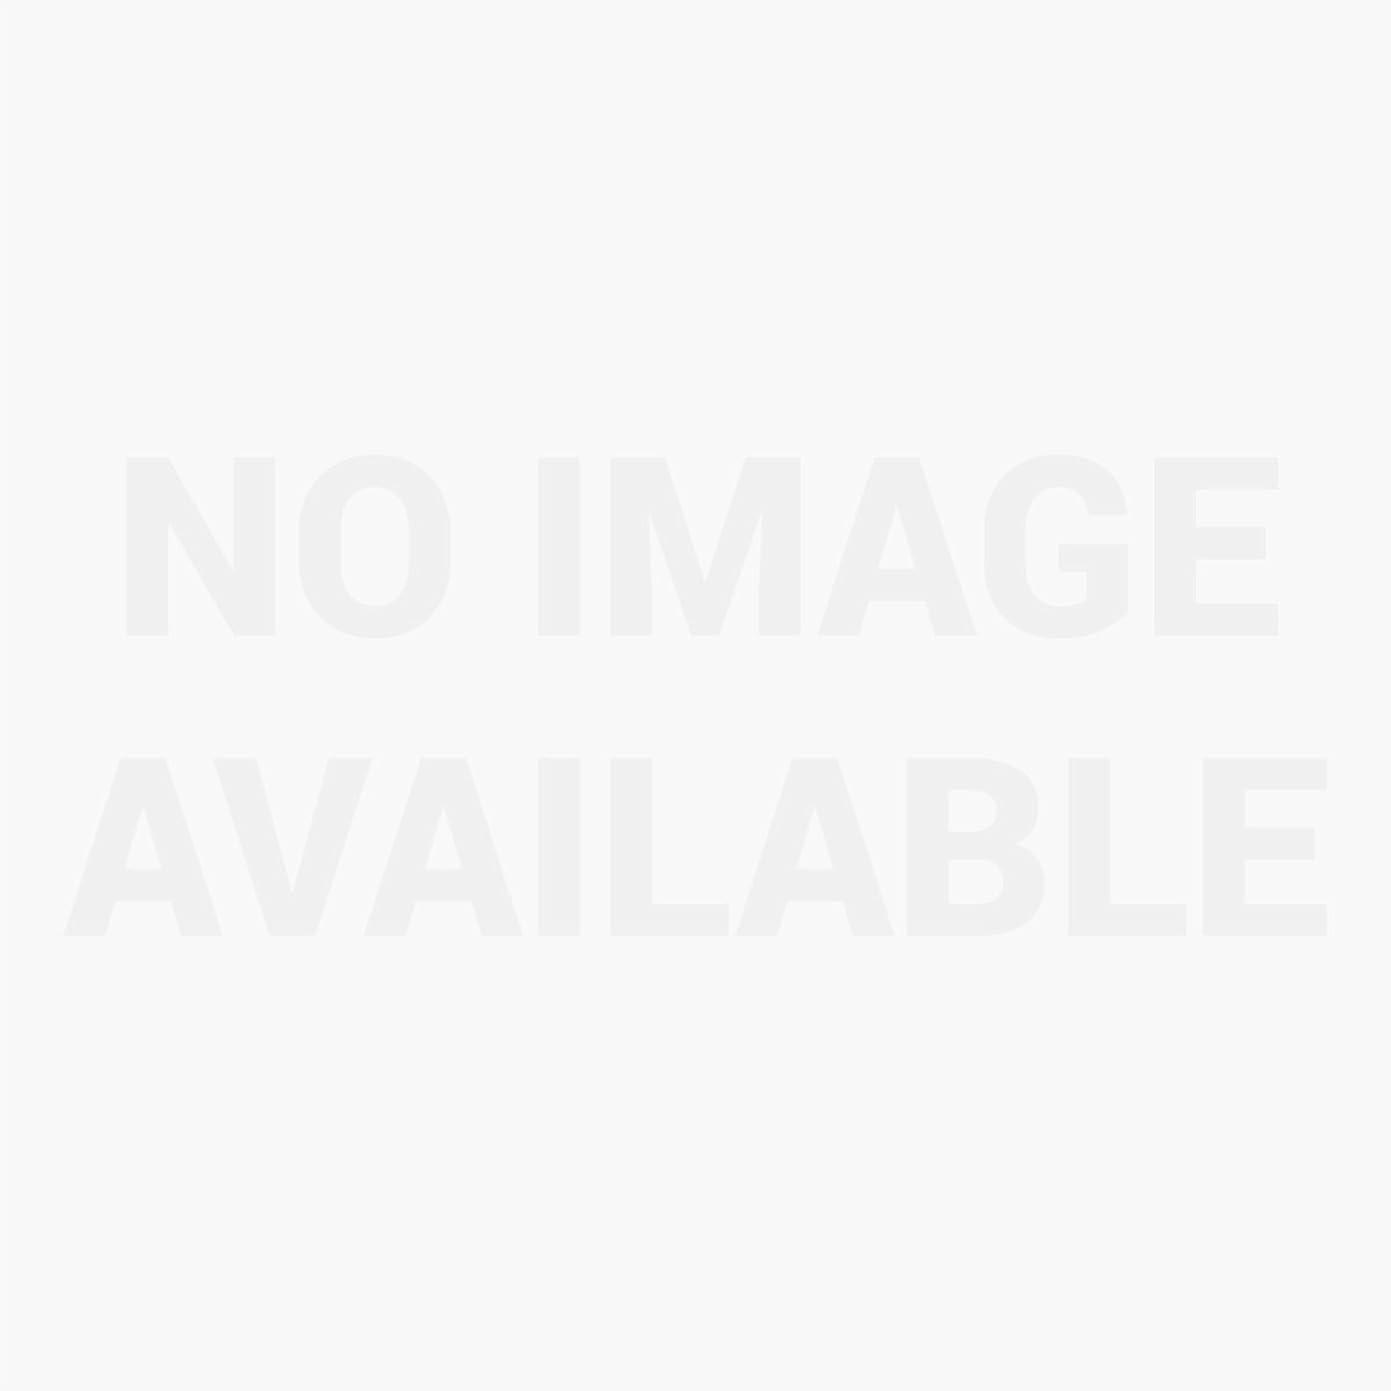 サワー控える兵器庫アジェンダ サロンコンセプト シザーセーフ 4ペア キューブ[海外直送品] [並行輸入品]